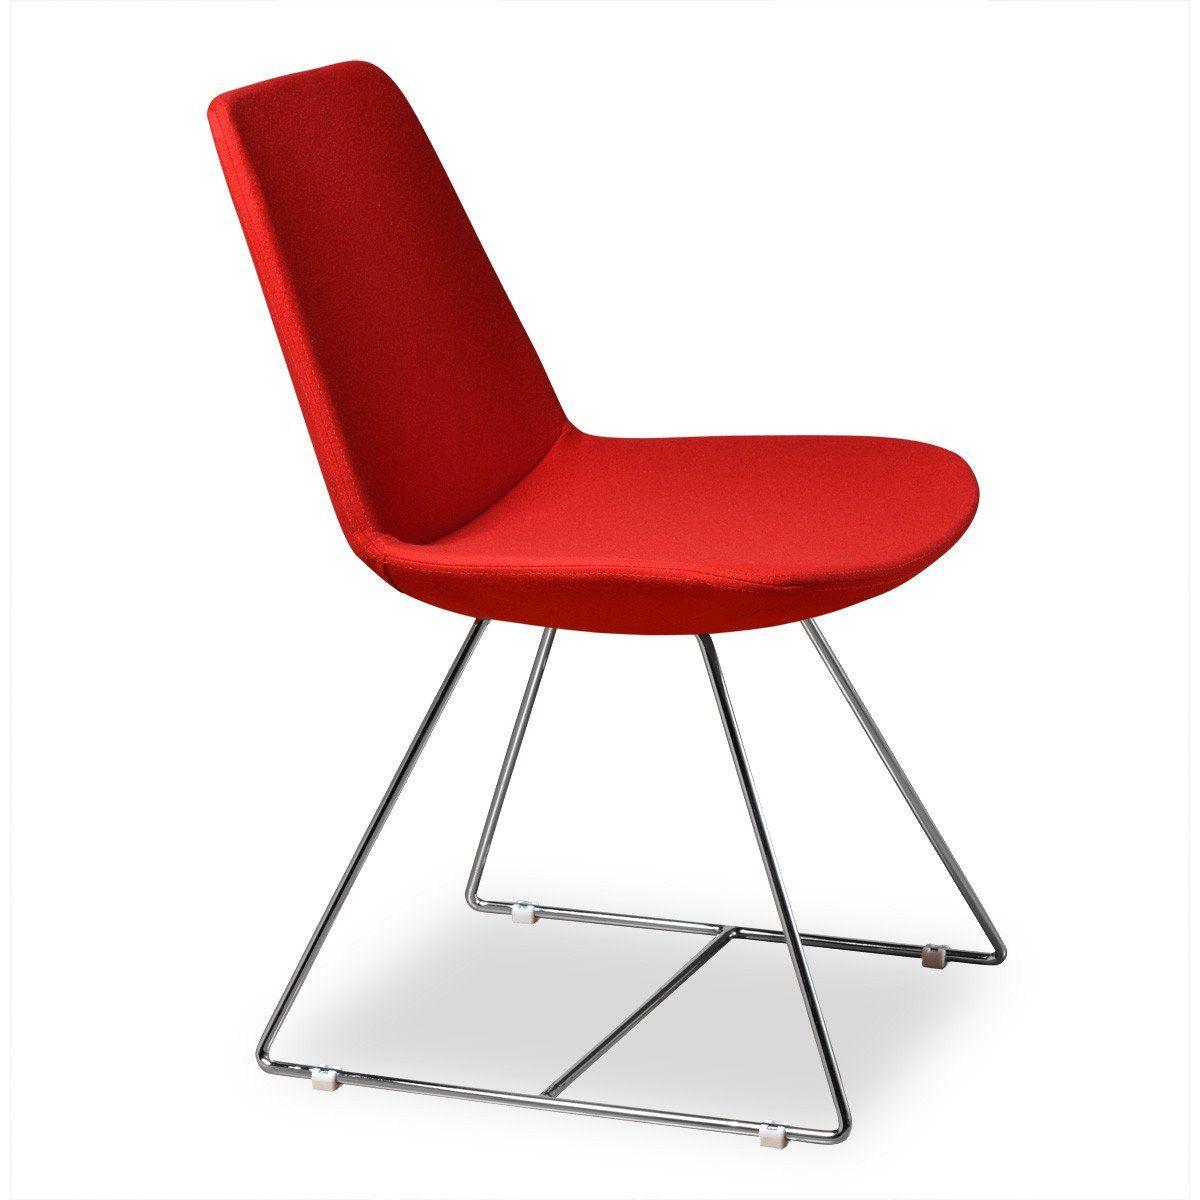 Aeon furniture karen dining chair set of 2